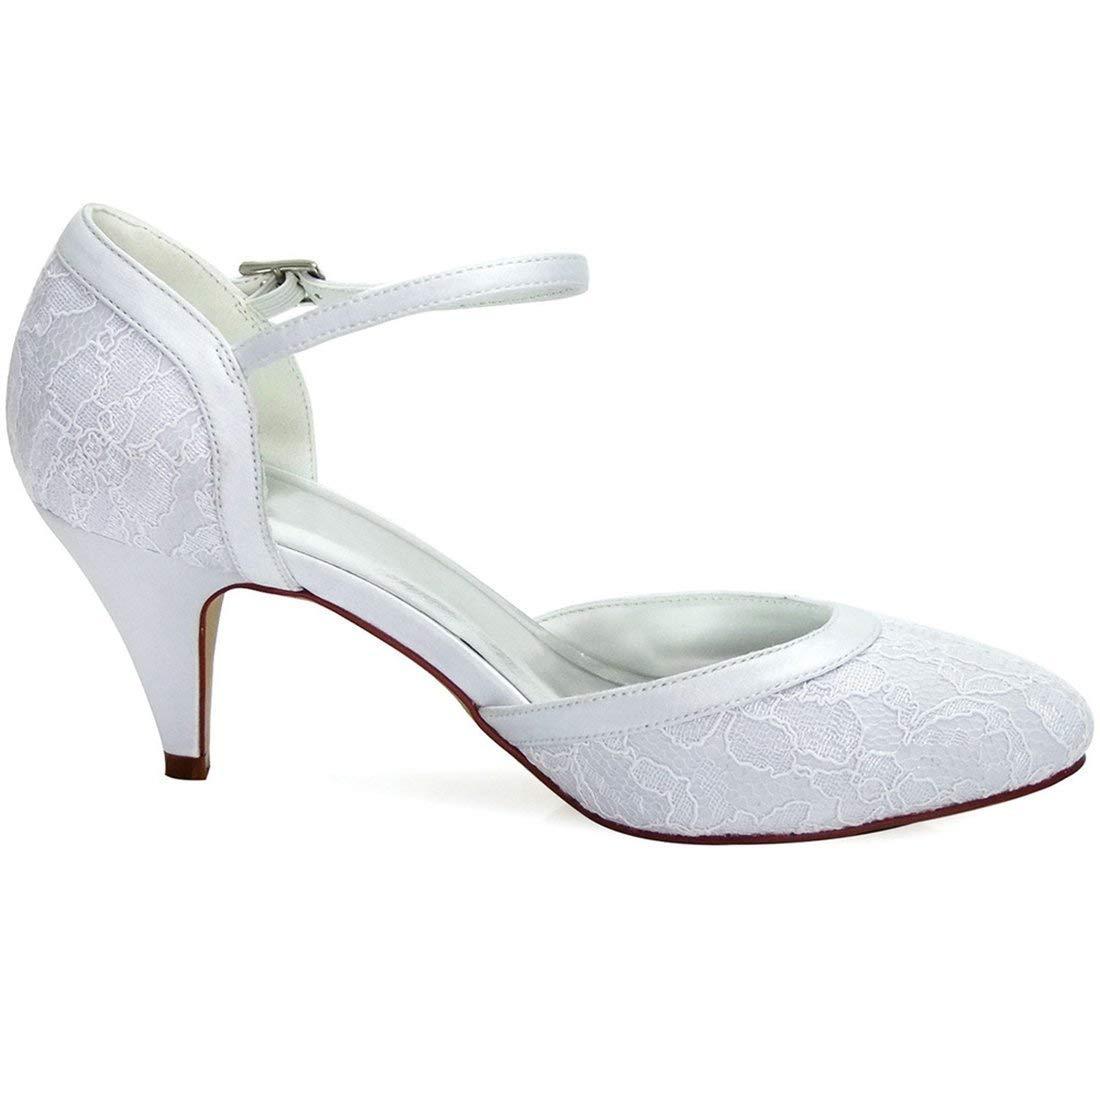 Qiusa Qiusa Qiusa Damen Mandel Zehe handgemachte Retro Weiß Lace Braut Hochzeit Abendschuhe UK 2.5 (Farbe   - Größe   -) 983a30